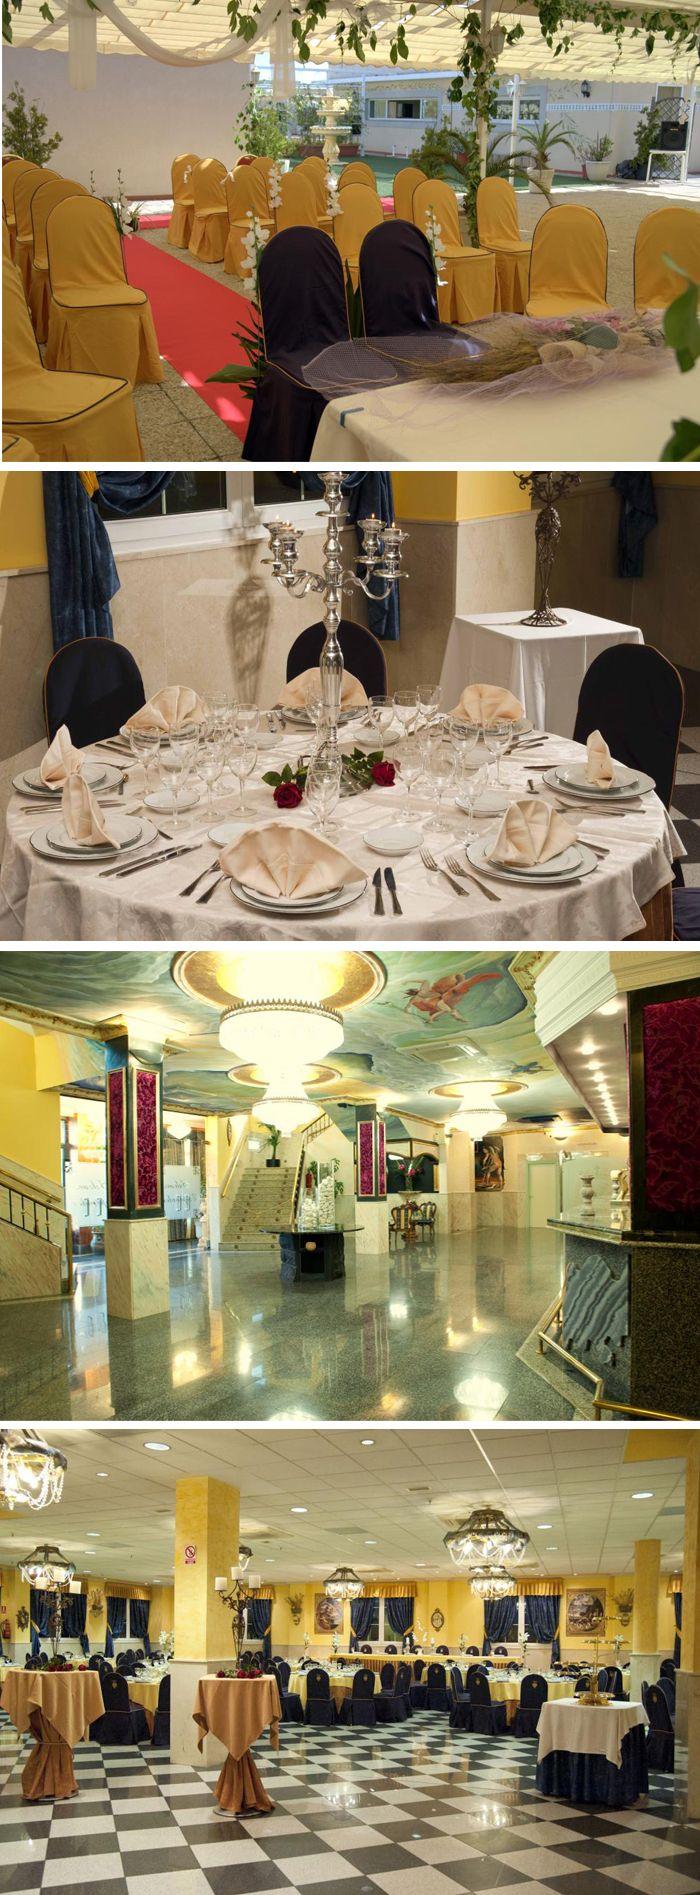 Restaurante Salones Emperador - Madrid - Restaurantes para Bodas